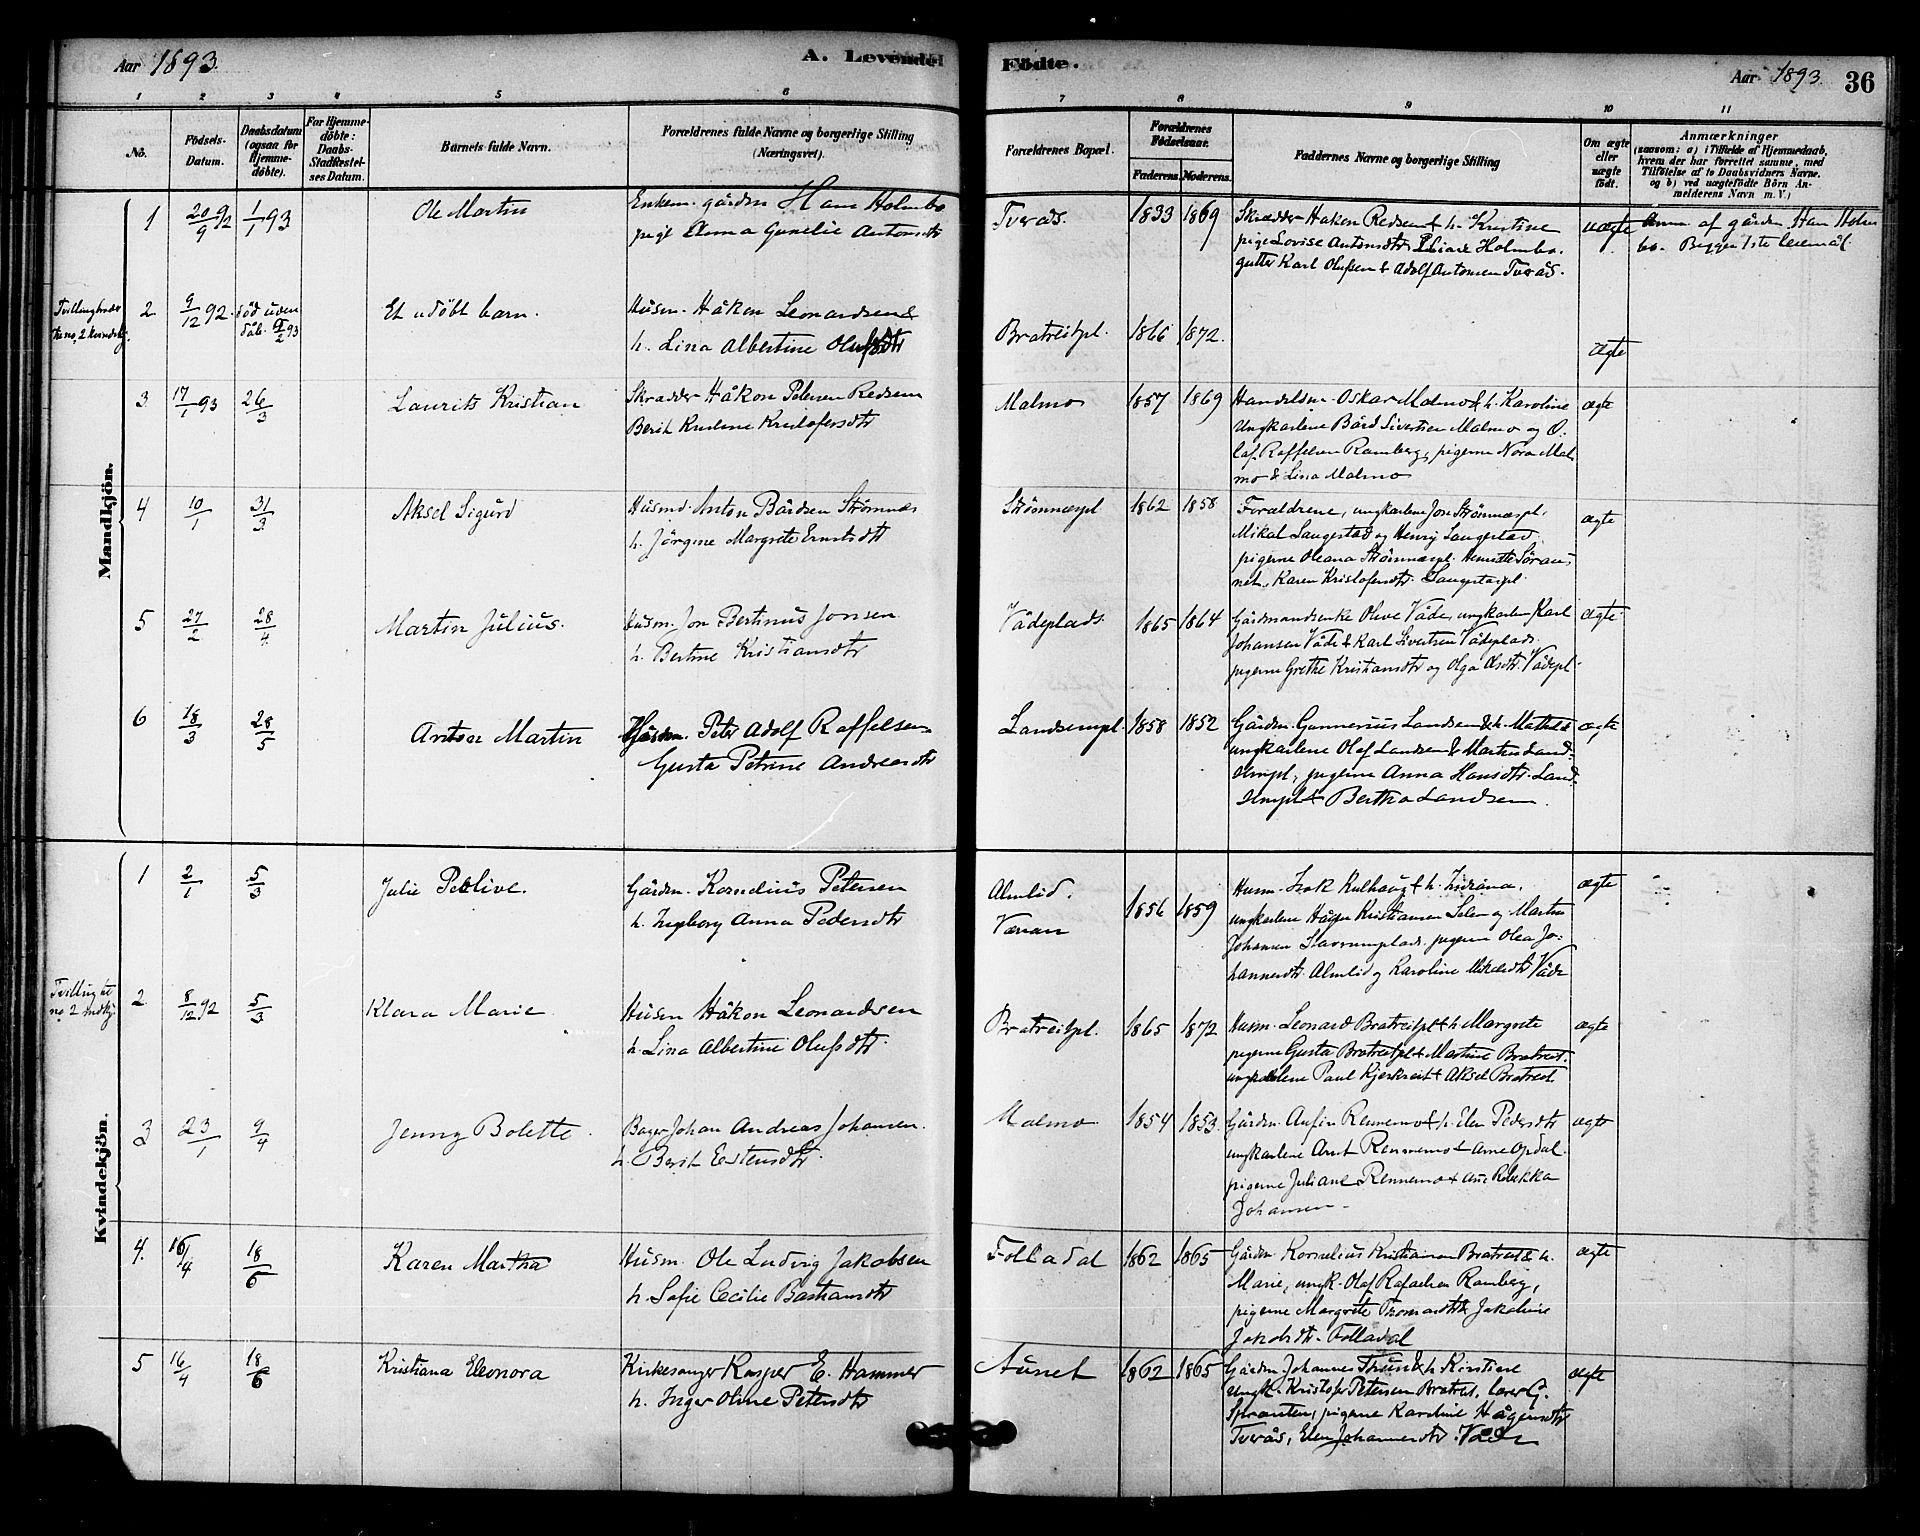 SAT, Ministerialprotokoller, klokkerbøker og fødselsregistre - Nord-Trøndelag, 745/L0429: Ministerialbok nr. 745A01, 1878-1894, s. 36